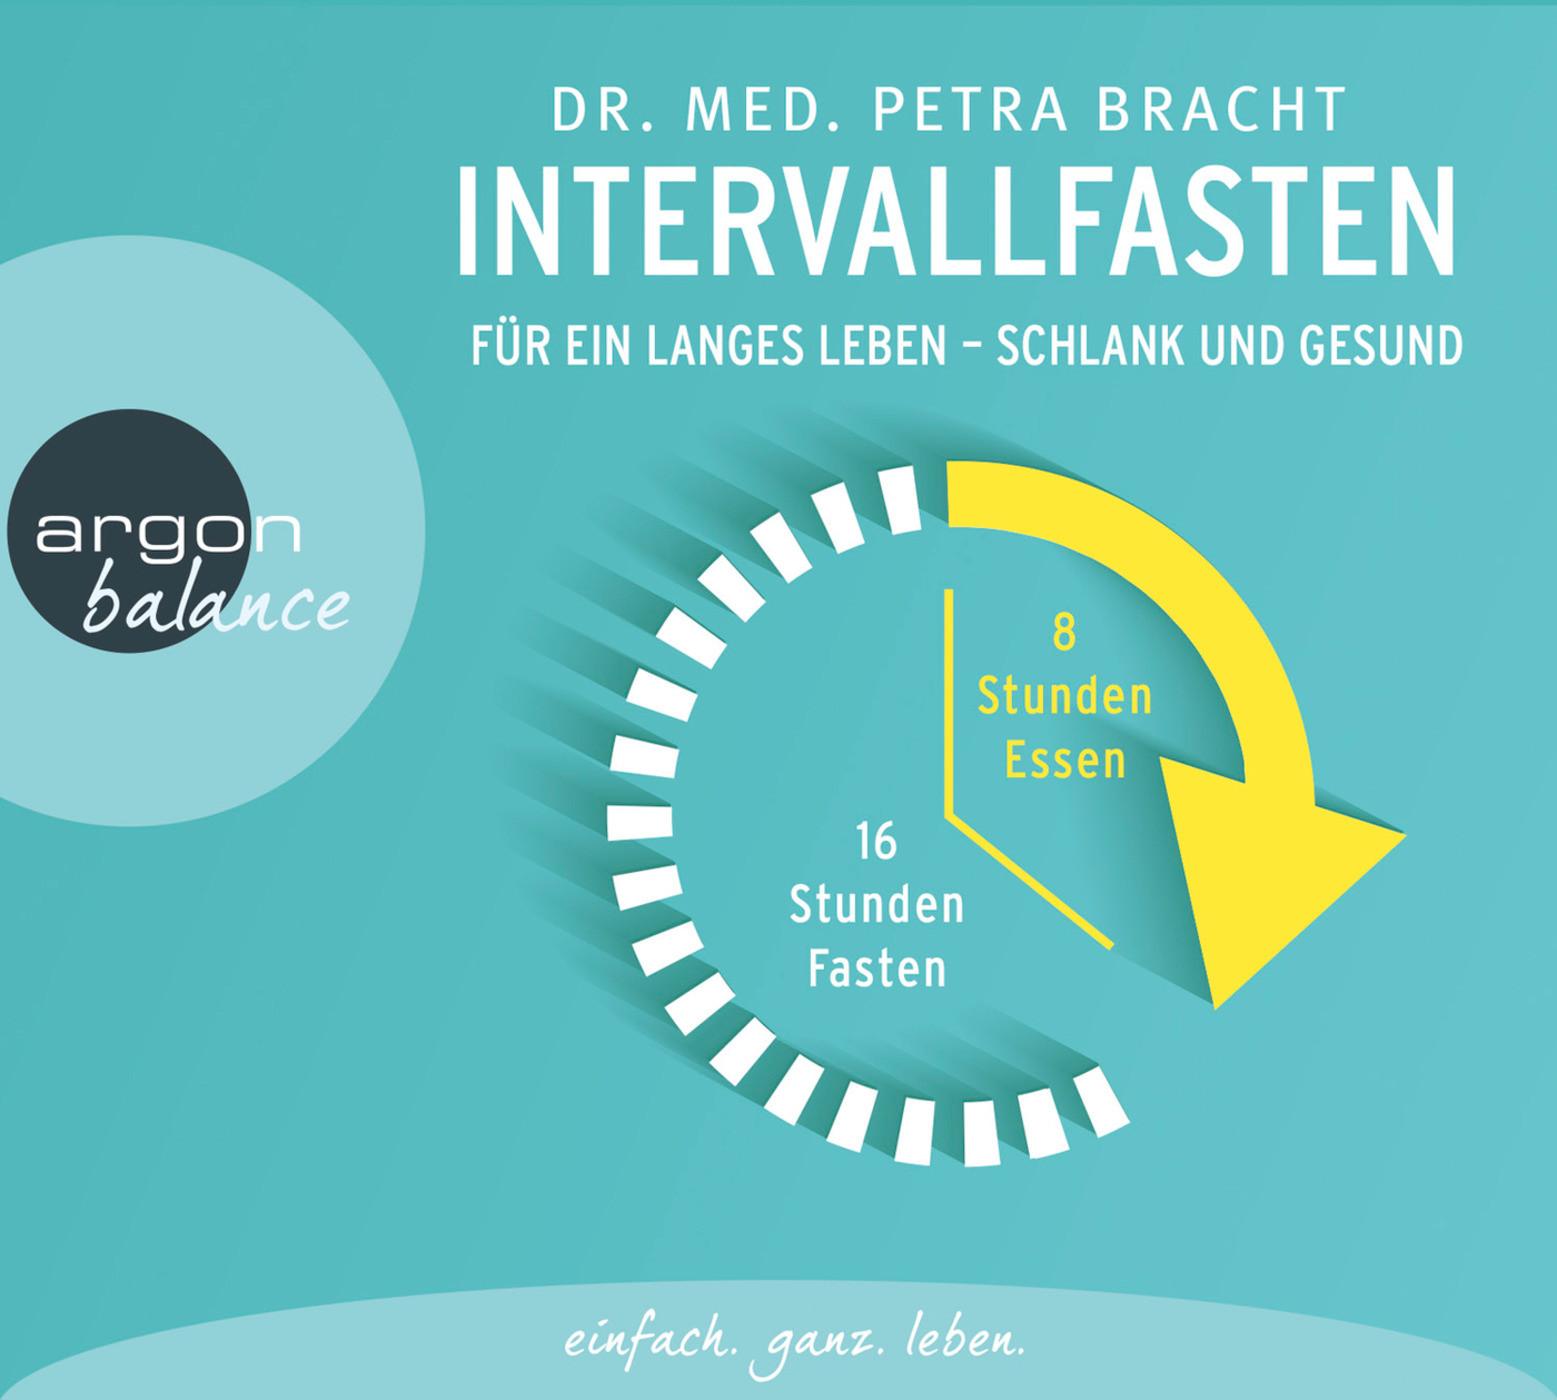 Petra Bracht - Intervallfasten: Für ein langes Leben schlank und gesund